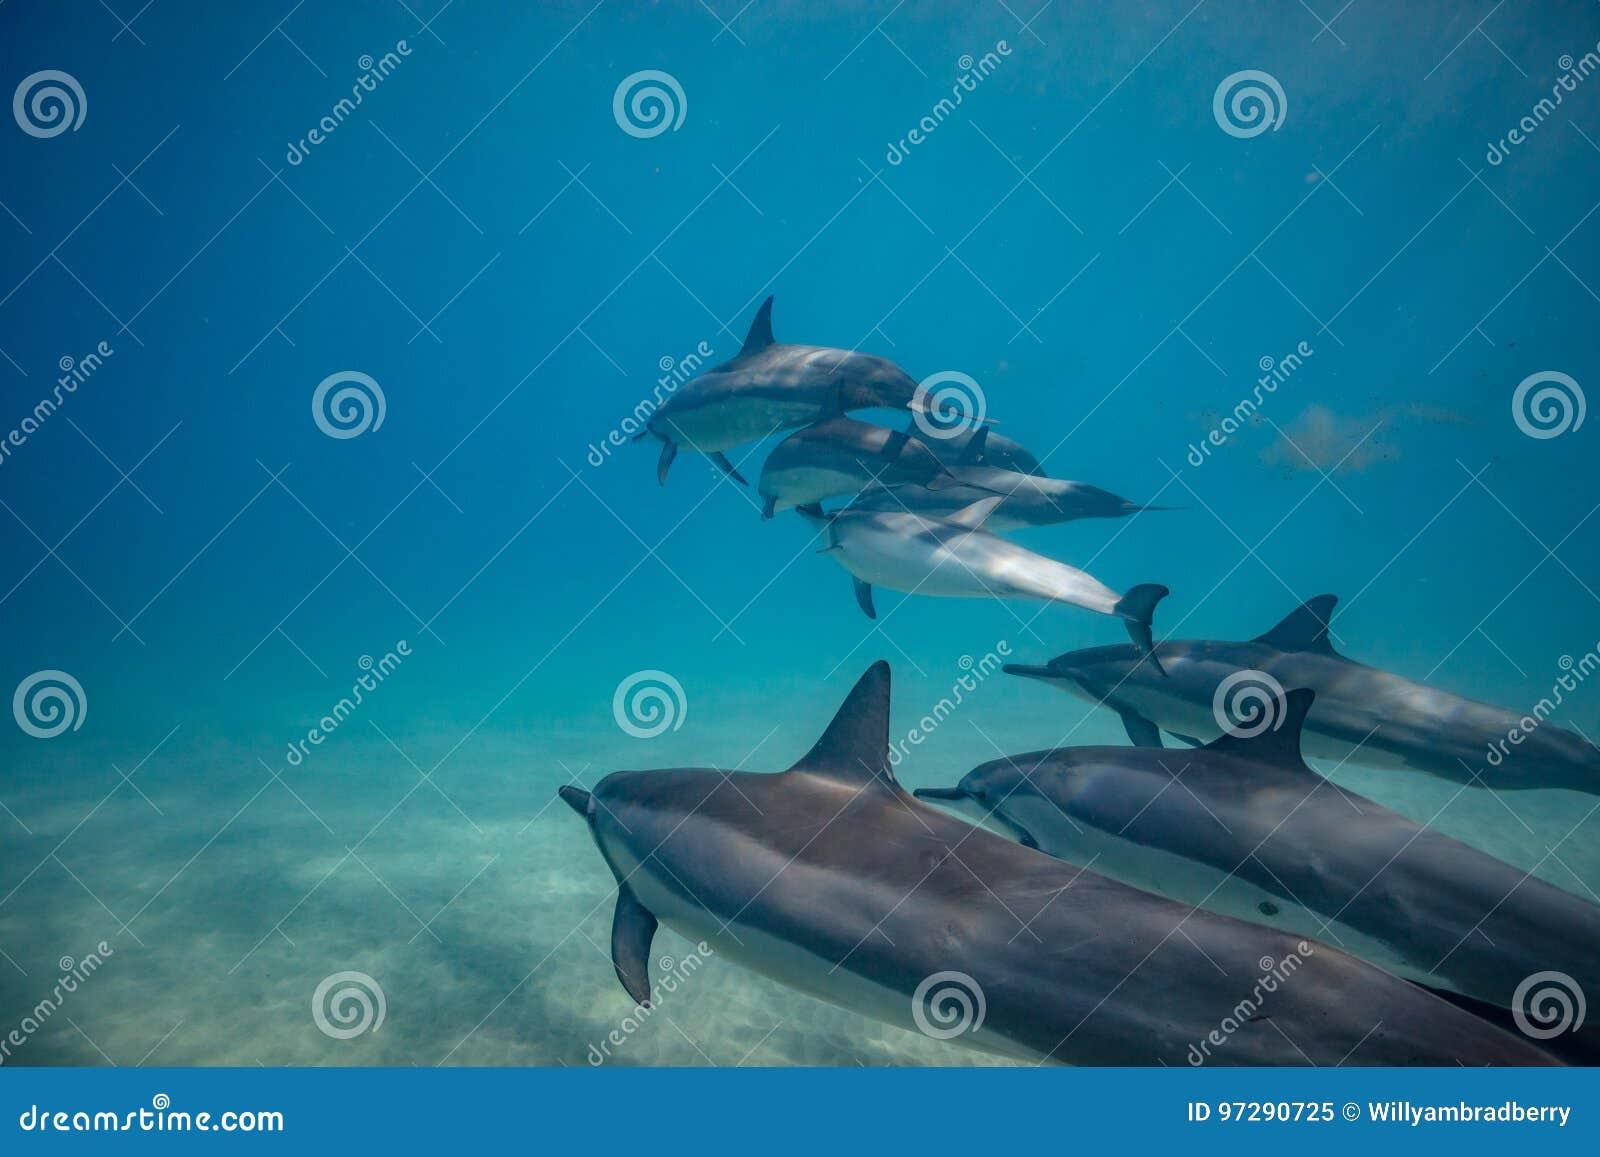 Delfini selvaggi subacquei in oceano blu profondo